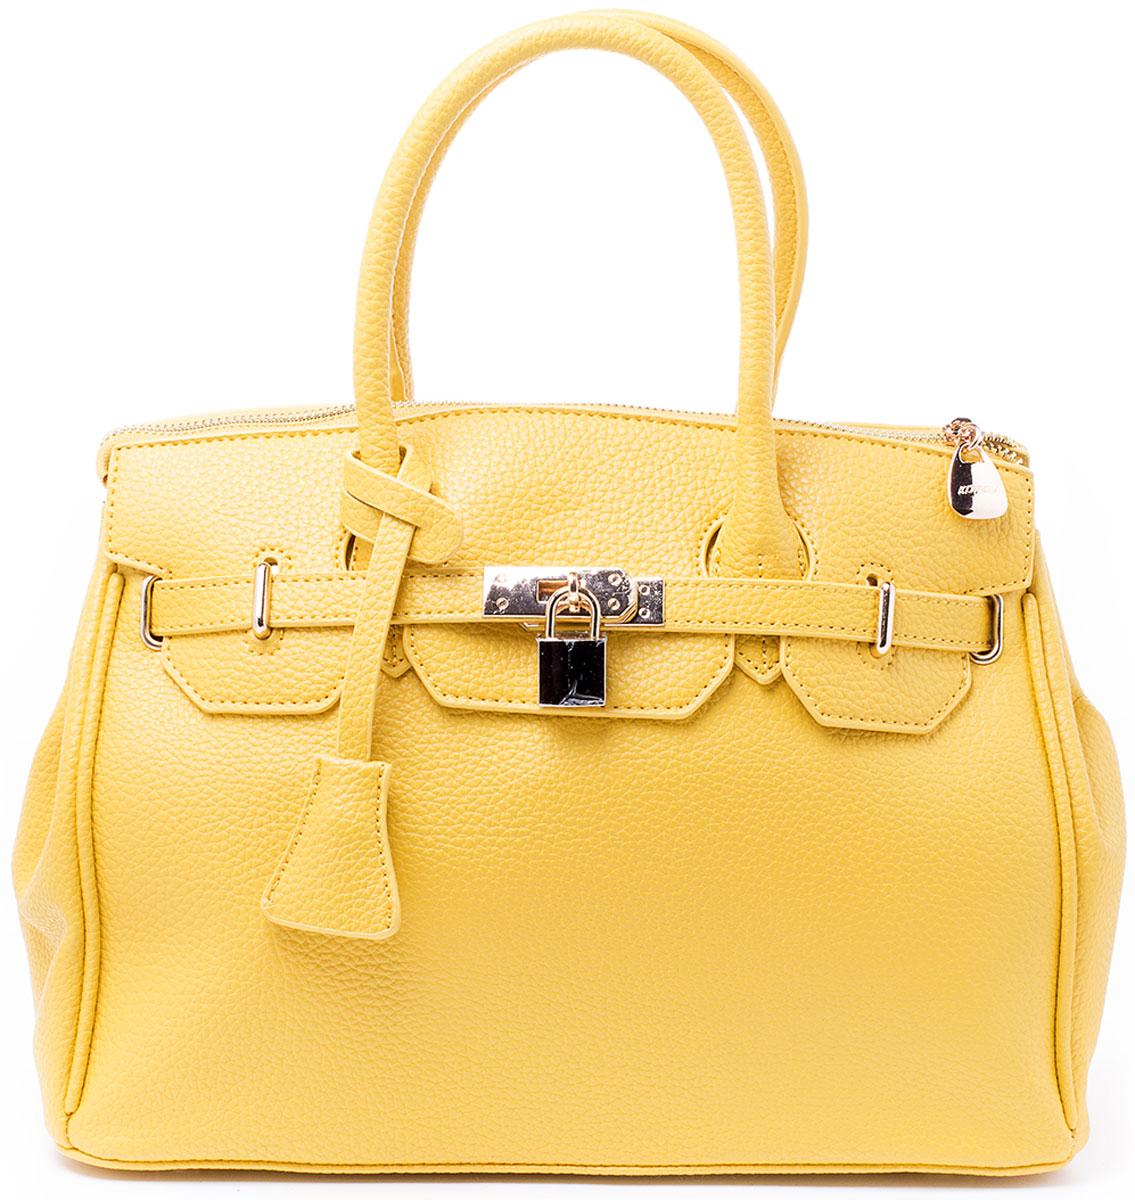 Сумка женская Kordia, цвет: желтый. 916-8182/82916-8182/82Классическая сумка Kordia исполнена из высококачественной экокожи и имеет одно большое отделение на застежке-молнии. Внутри отделения находятся два накладных кармана для мелочей и под сотовый телефон и один прорезной карман на застежке-молнии. Снаружи, на задней стенке сумки, так же находится прорезной карман на молнии. Сумка обладает двумя удобными ручками для переноски и отстегивающимся регулируемым наплечным ремнем, который пристегивается на карабинах к кольцам на задней стенке сумки. Днище сумки защищено от протирания фурнитурными пуклями. Ремень прилагается к сумке.